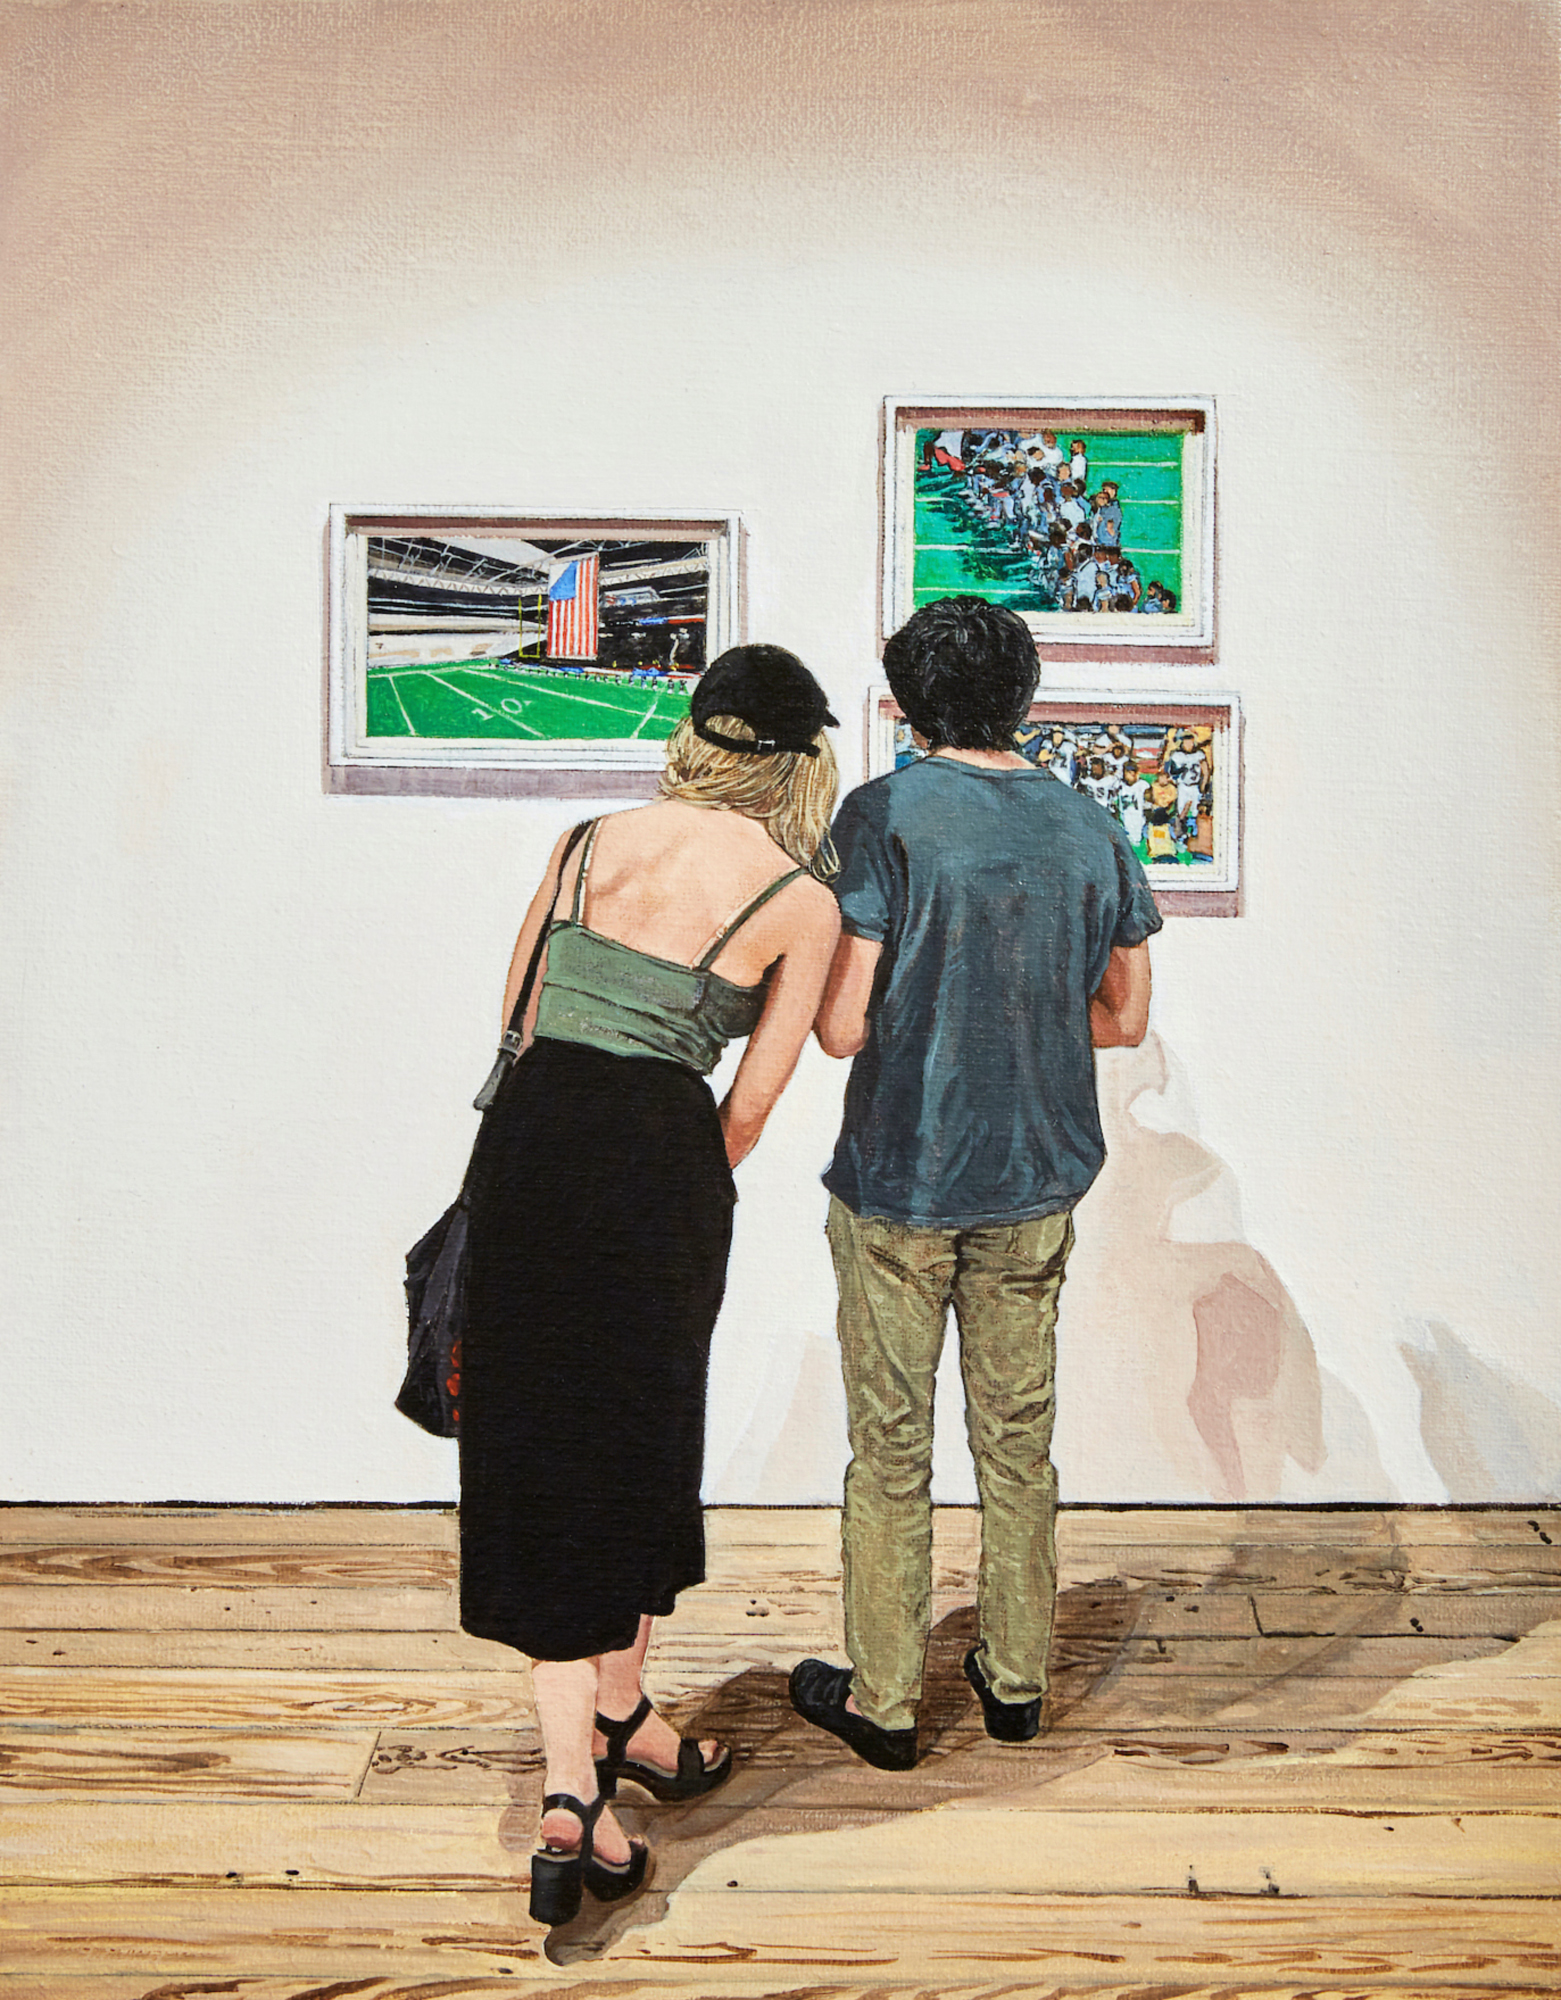 Kota Ezawa: National Anthem / Whitney Biennial